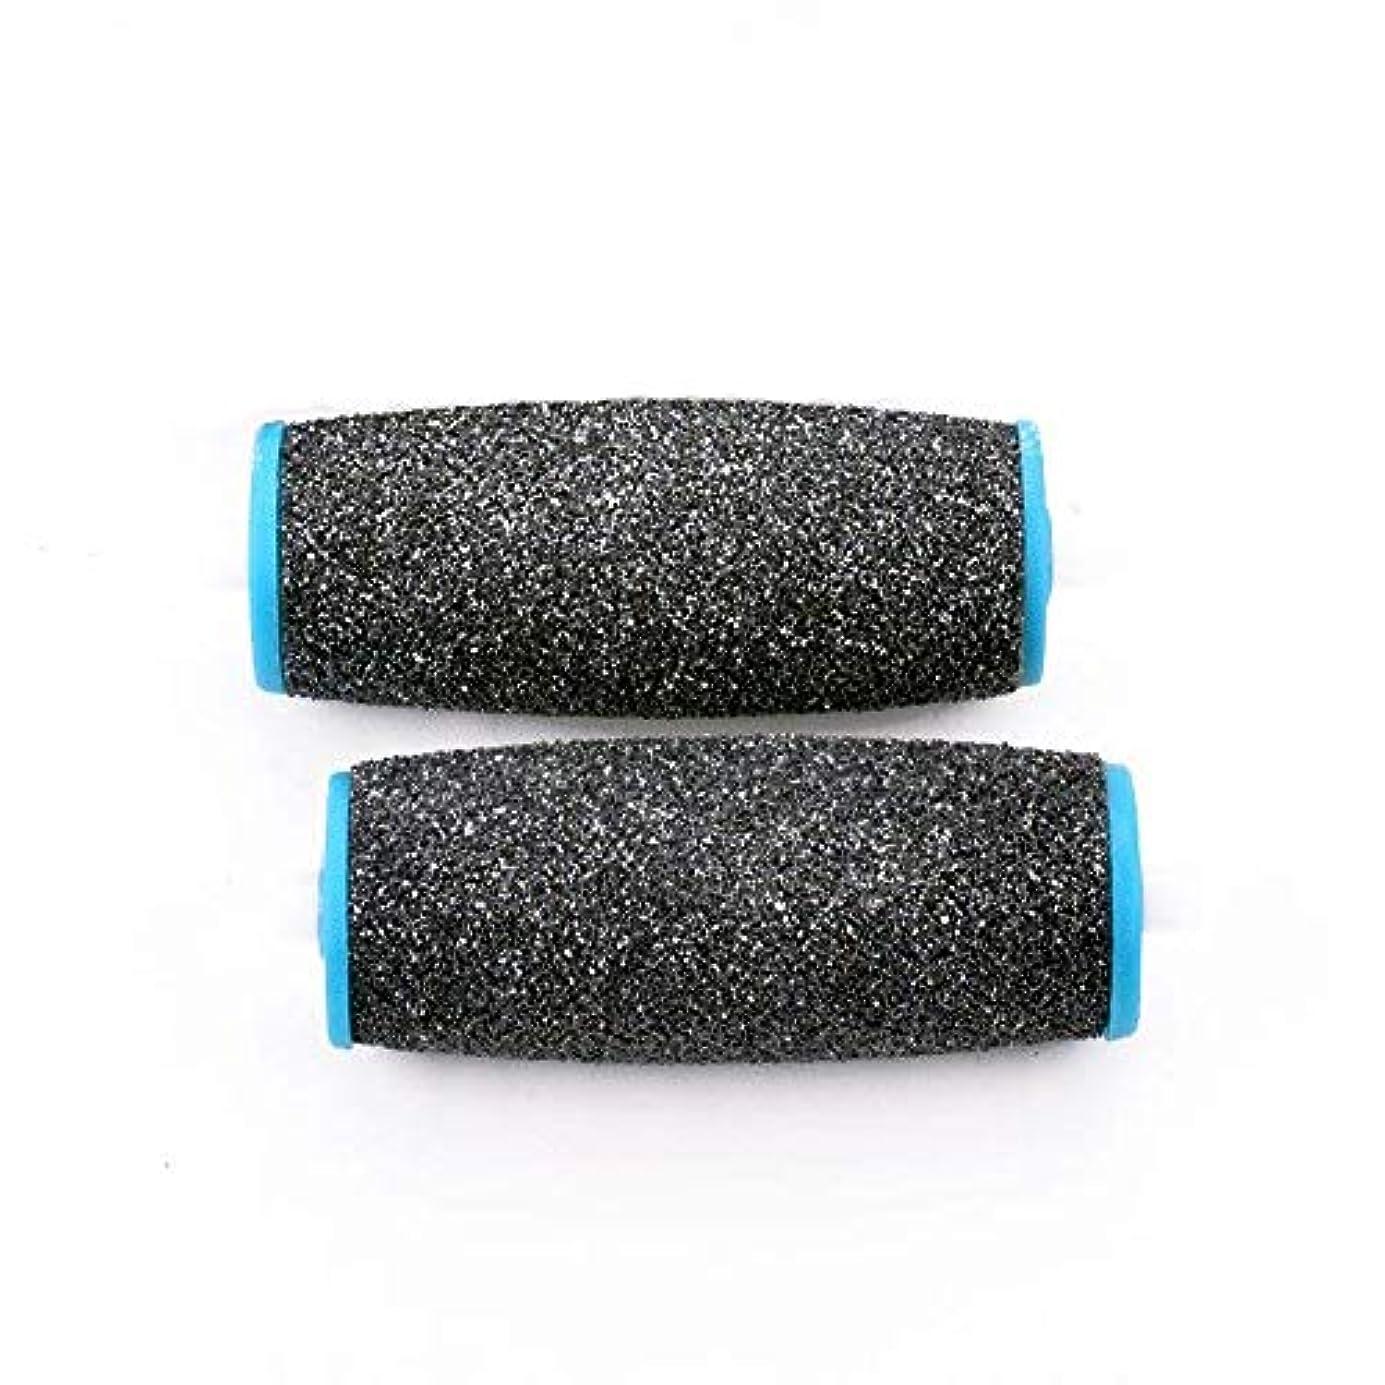 カリング刈る値下げViffly ベルベットスムーズ 電動角質リムーバー ダイヤモンド リフィル エキストラ かたい角質用 2個セット (ブラック+ブルー)